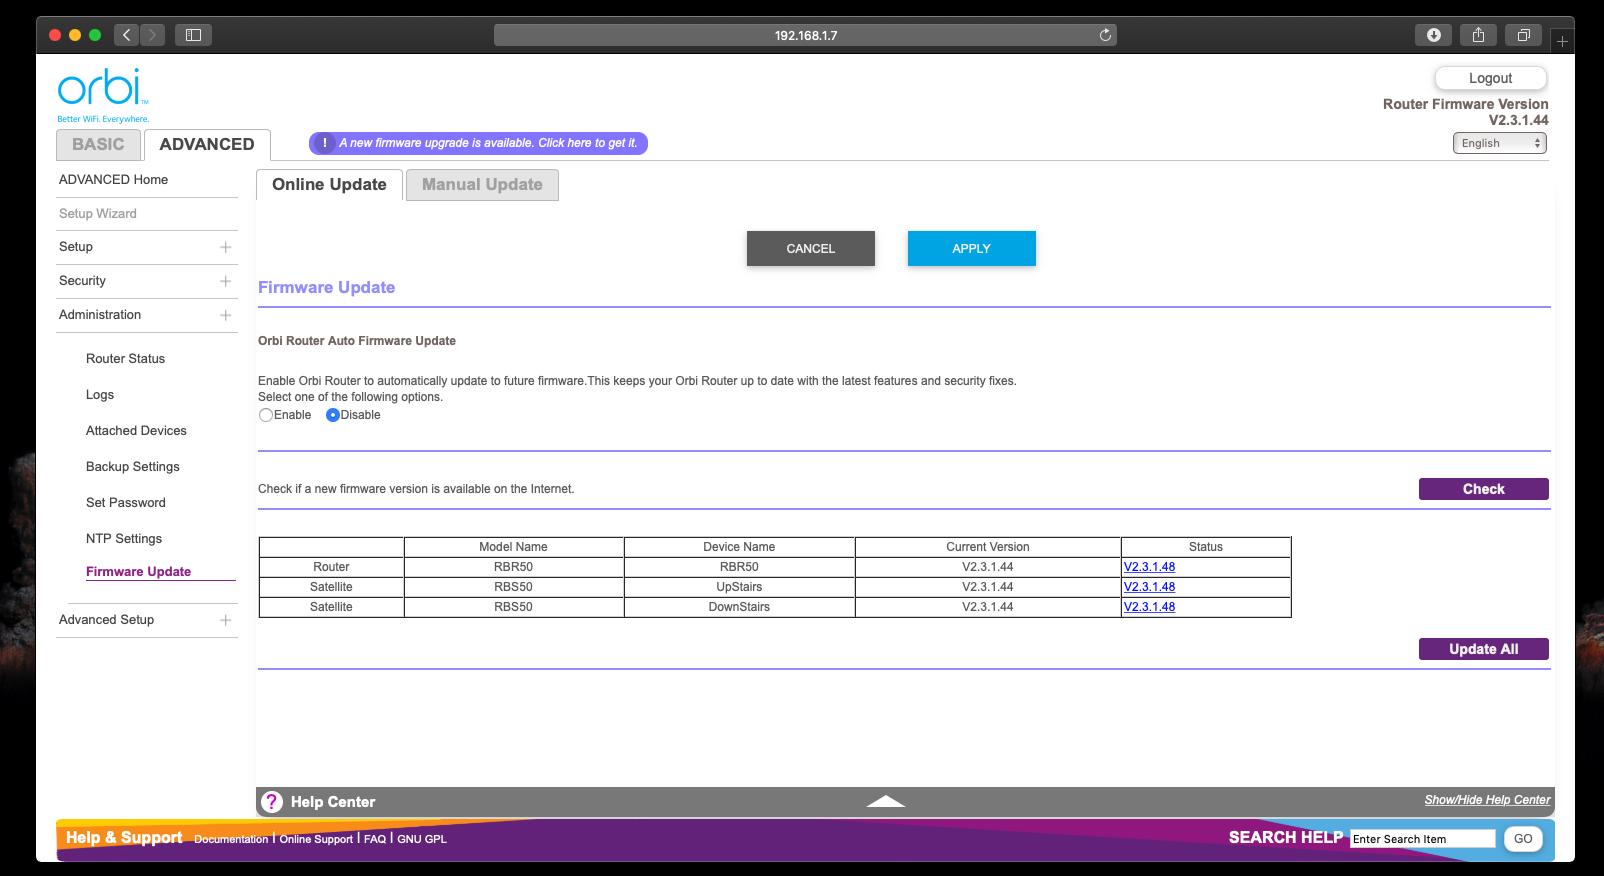 Re: New Orbi RBR50/RBS50 Firmware Version 2 3 1 48 - NETGEAR Communities